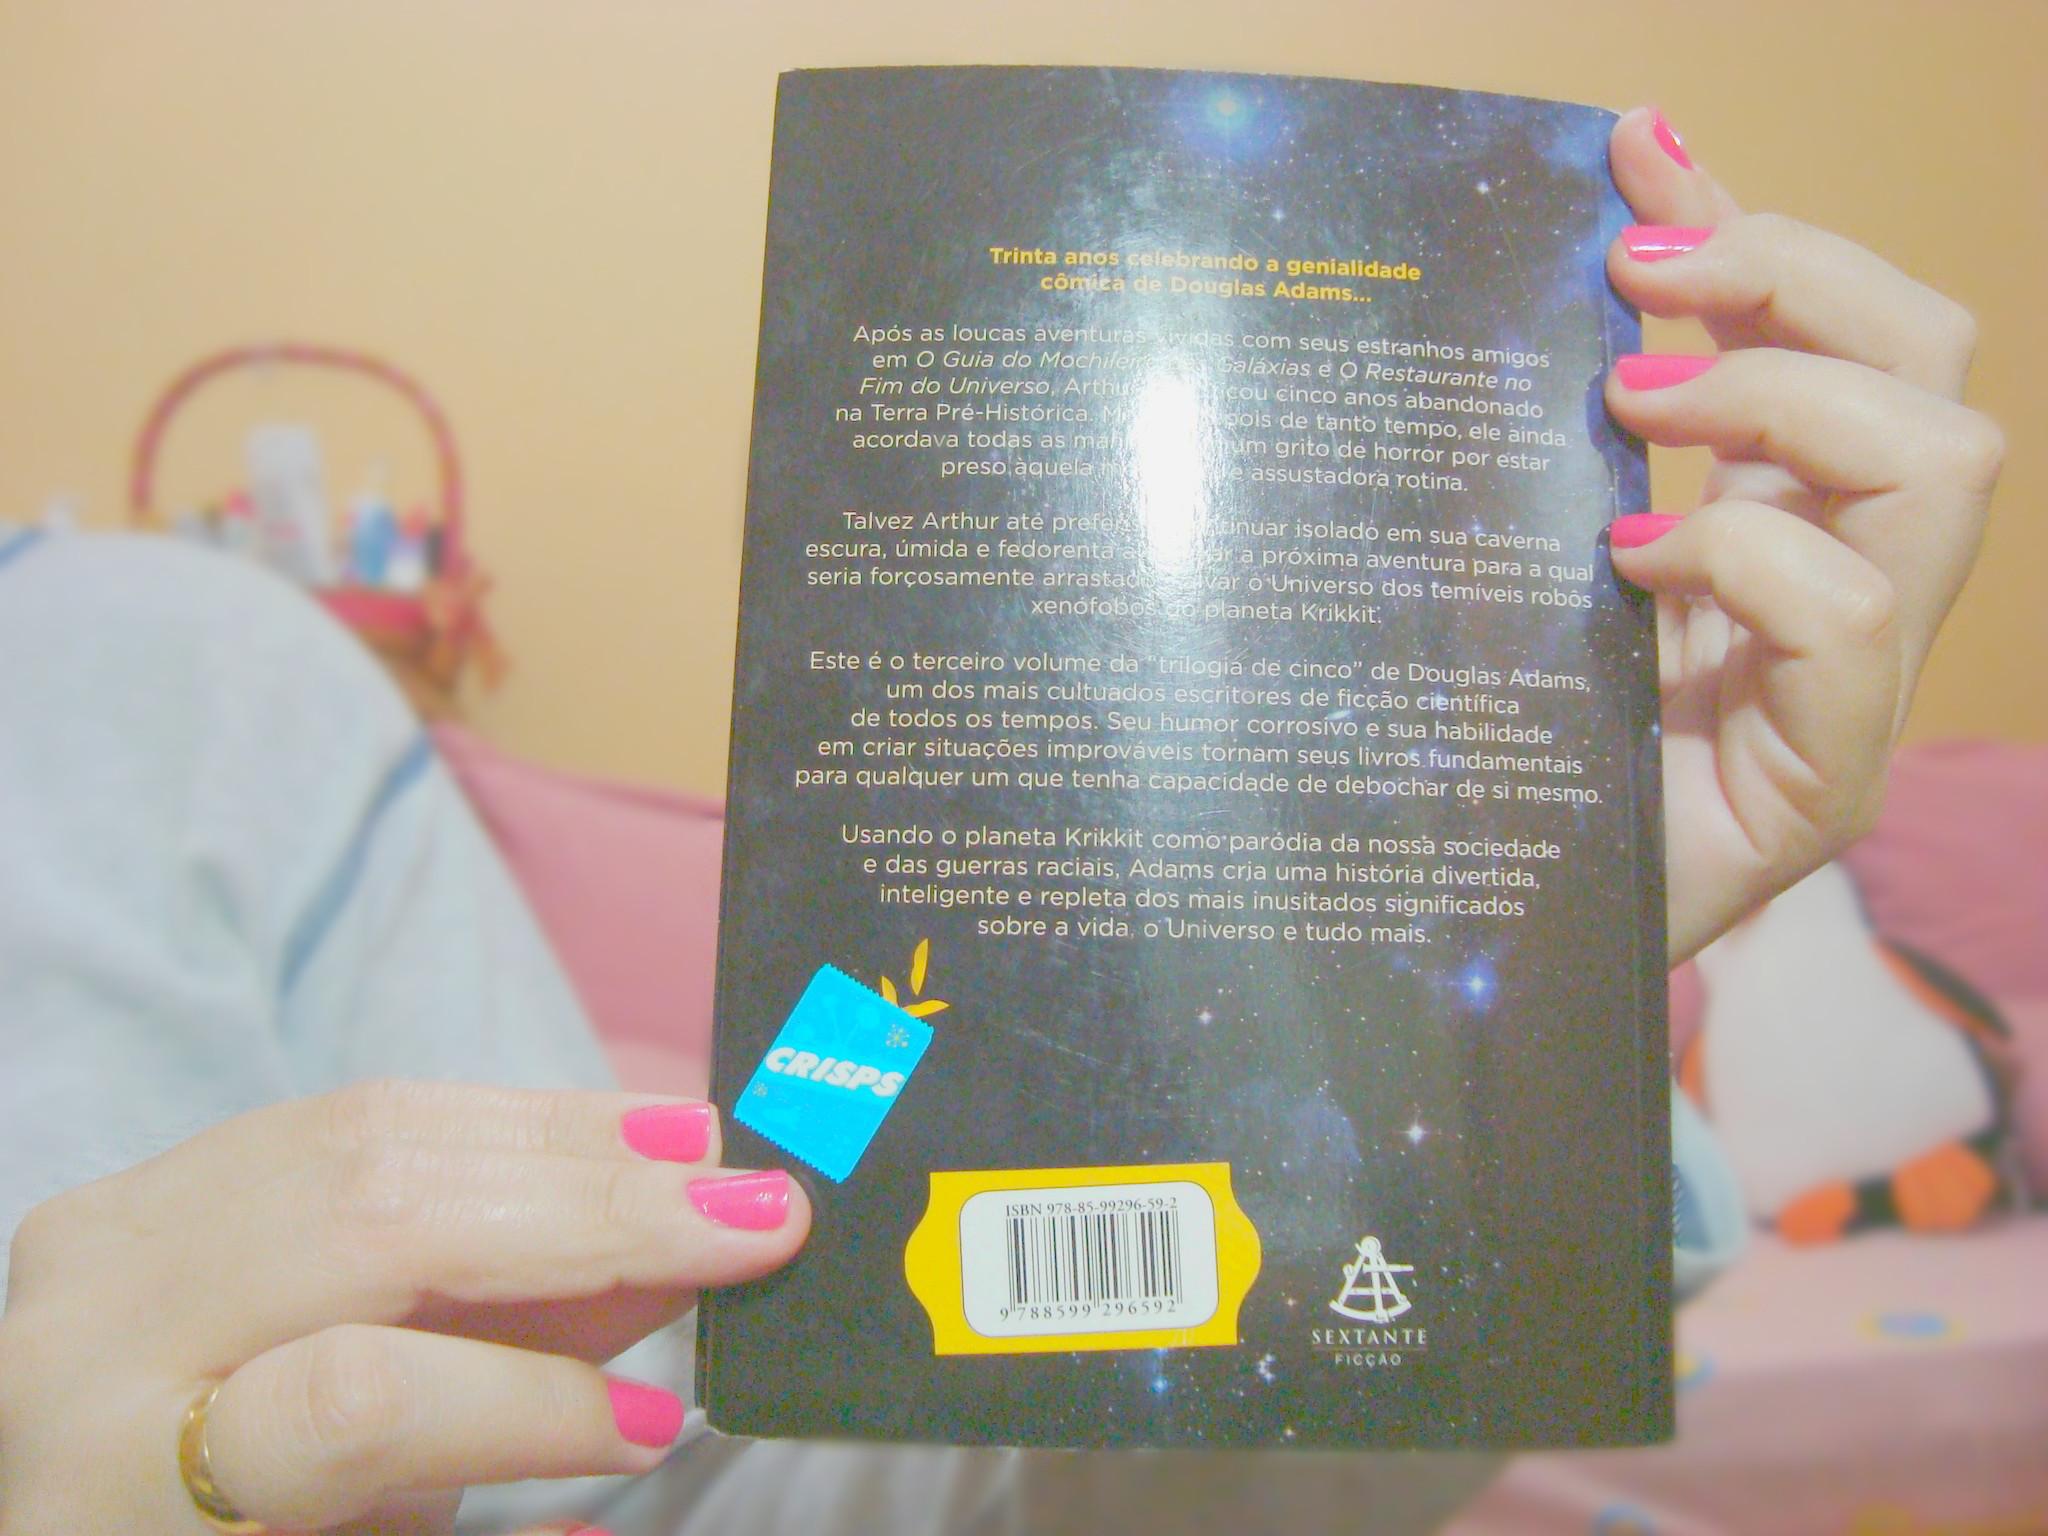 Contra capa do livro A vida, o universo e tudo mais da série O Guia do Mochileiro das Galáxias